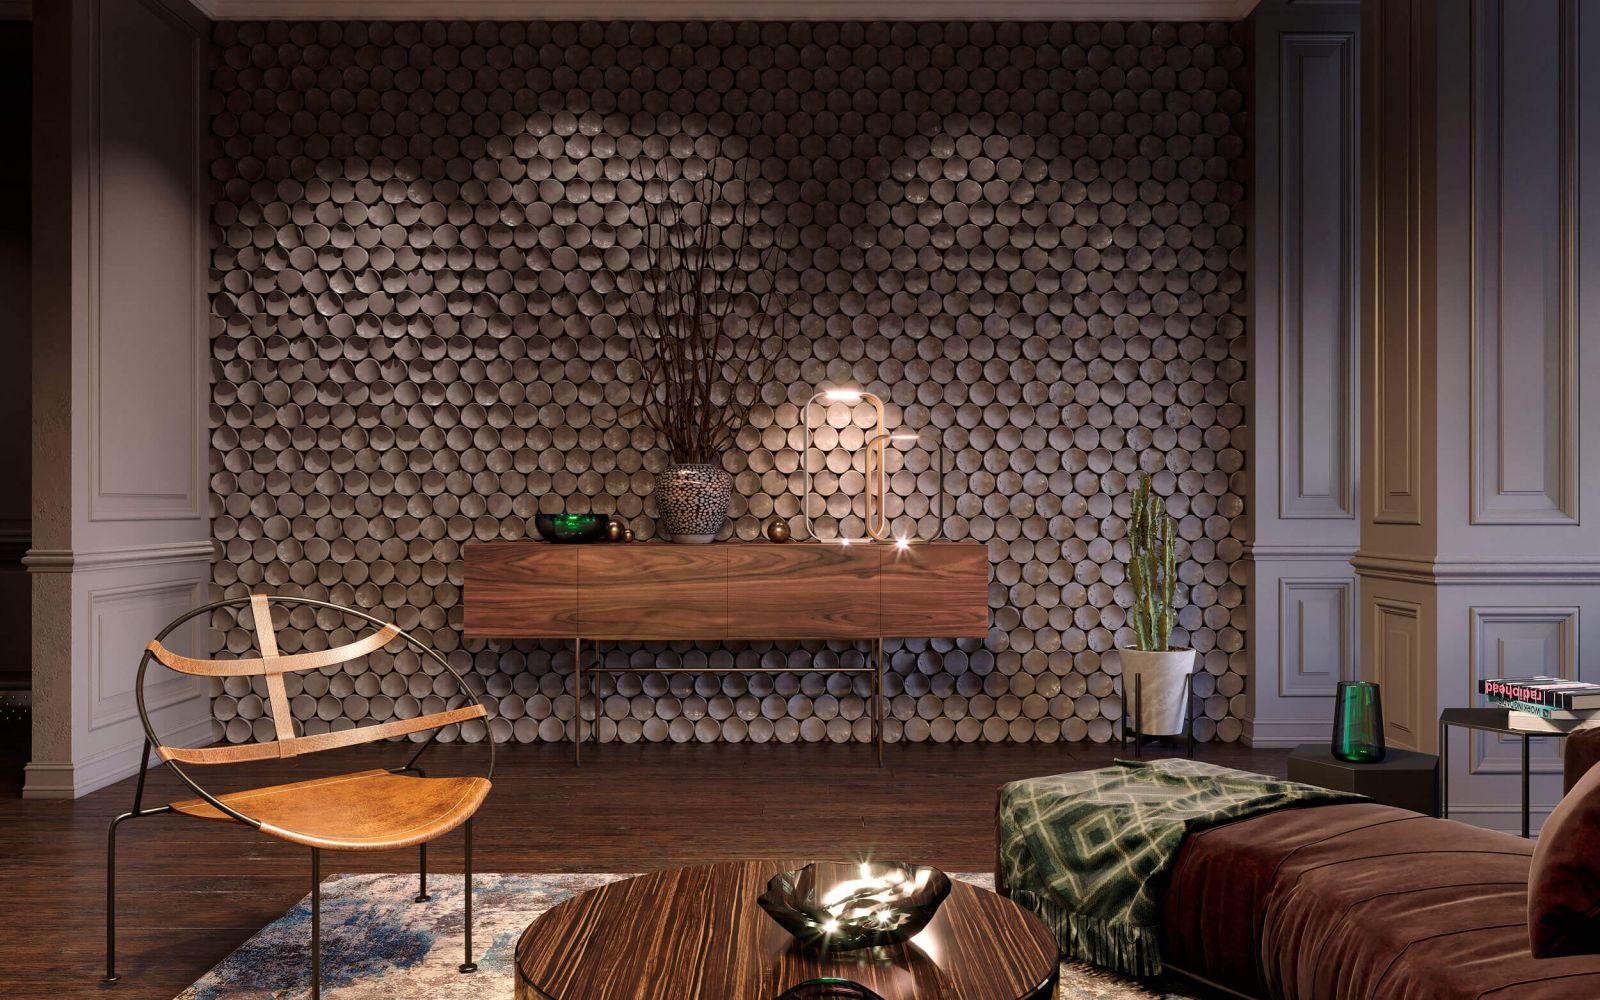 Акцент в интерьере гостиной сделан на оригинальную стену украшенную декоративным панно из 3D-панелей